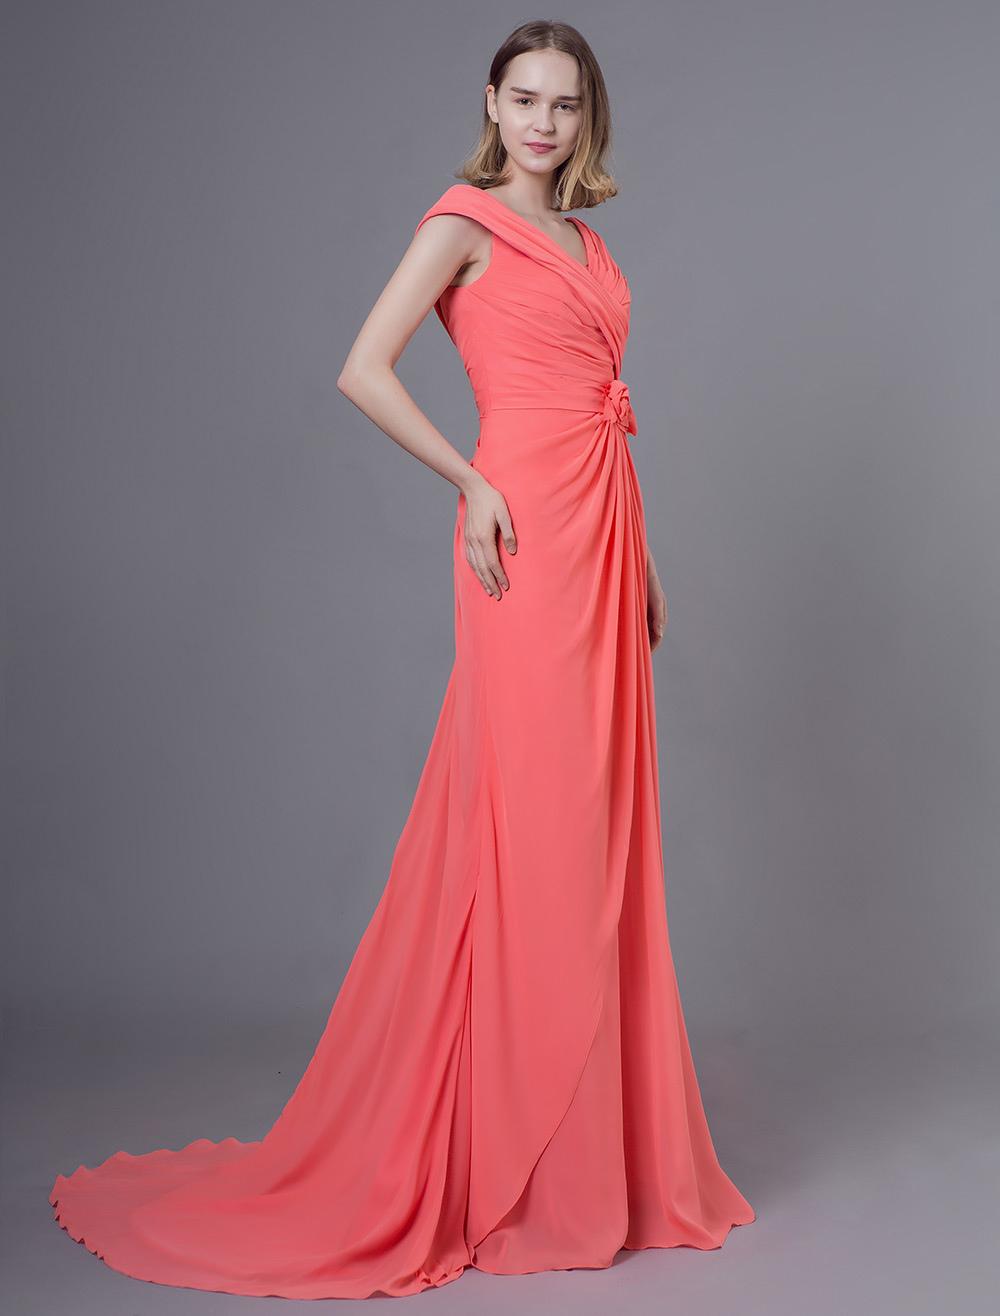 Brautjungfer Kleider lange Chiffon Lachs Blumen plissiert  Hochzeitsgesellschaft Kleid mit Zug